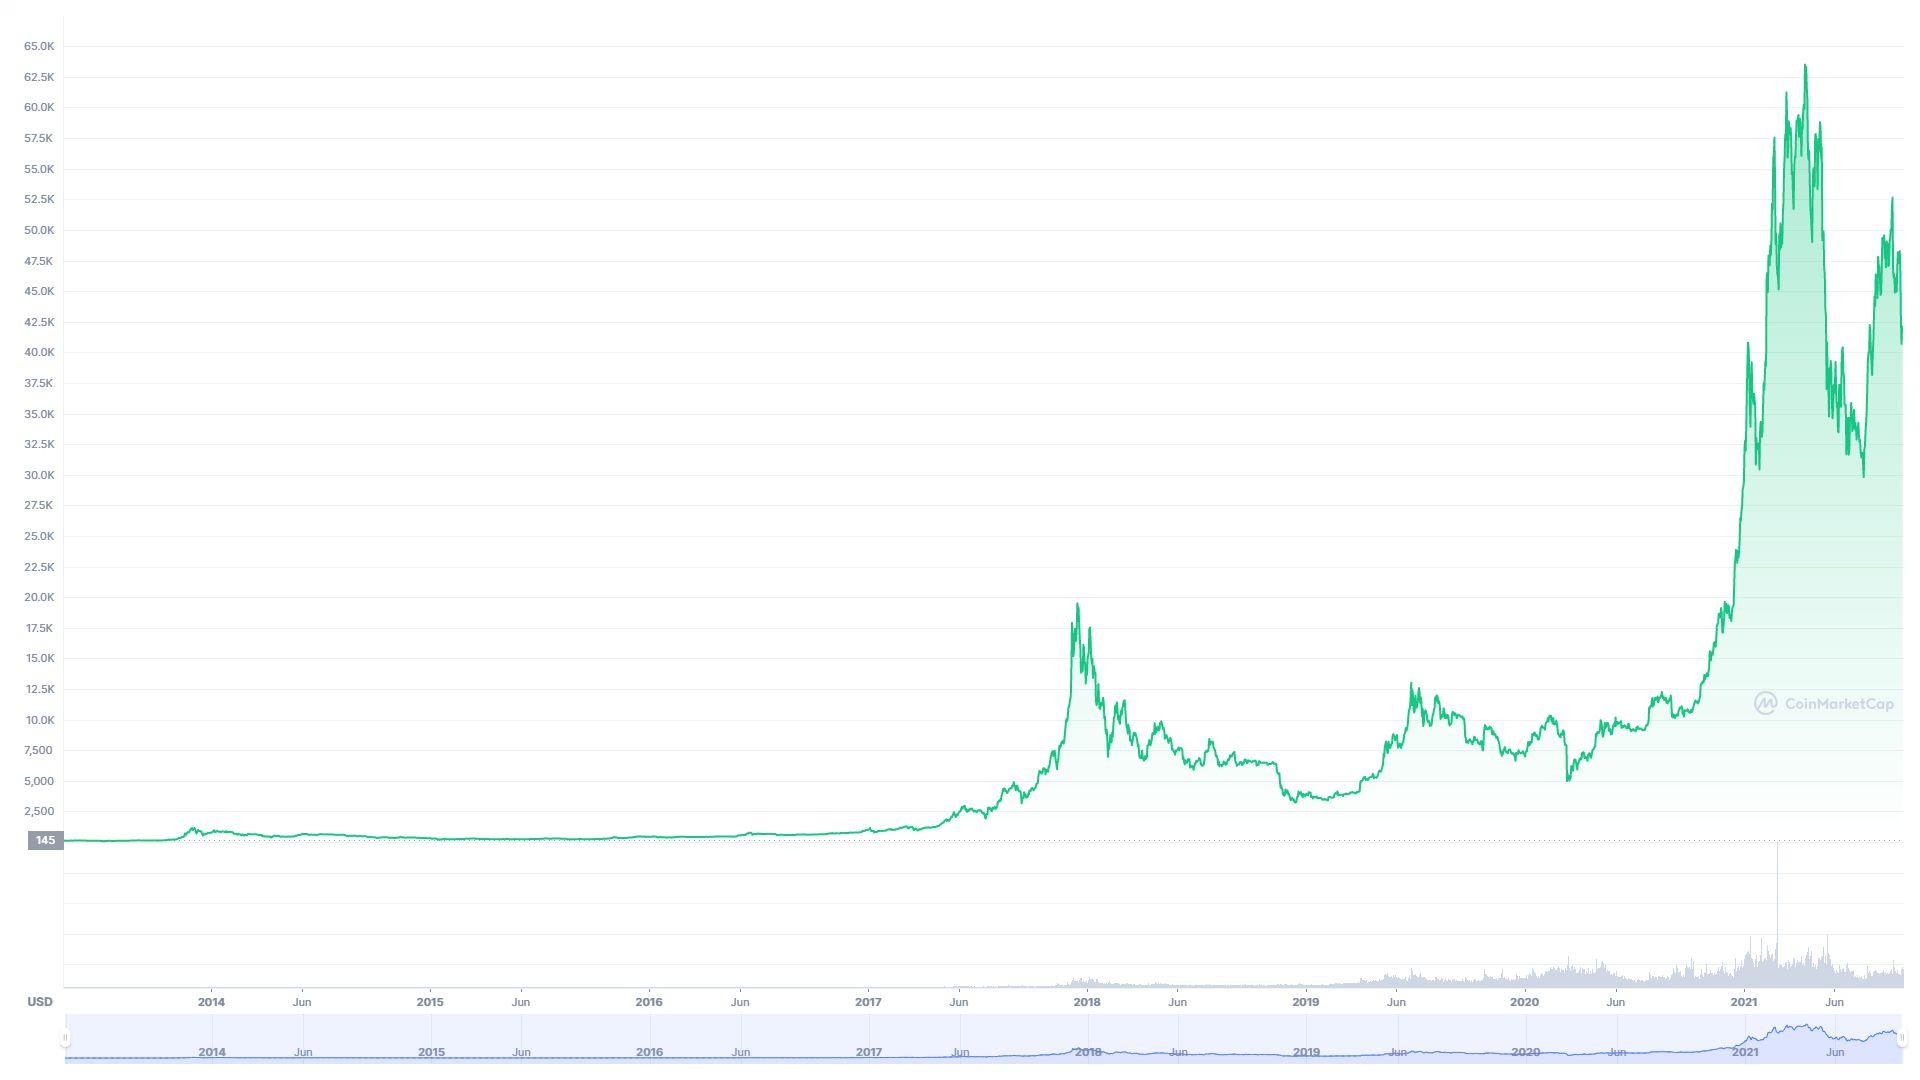 Jak zarabiać na kryptowalutach - wykres cen Bitcoina od początku jego istnienia